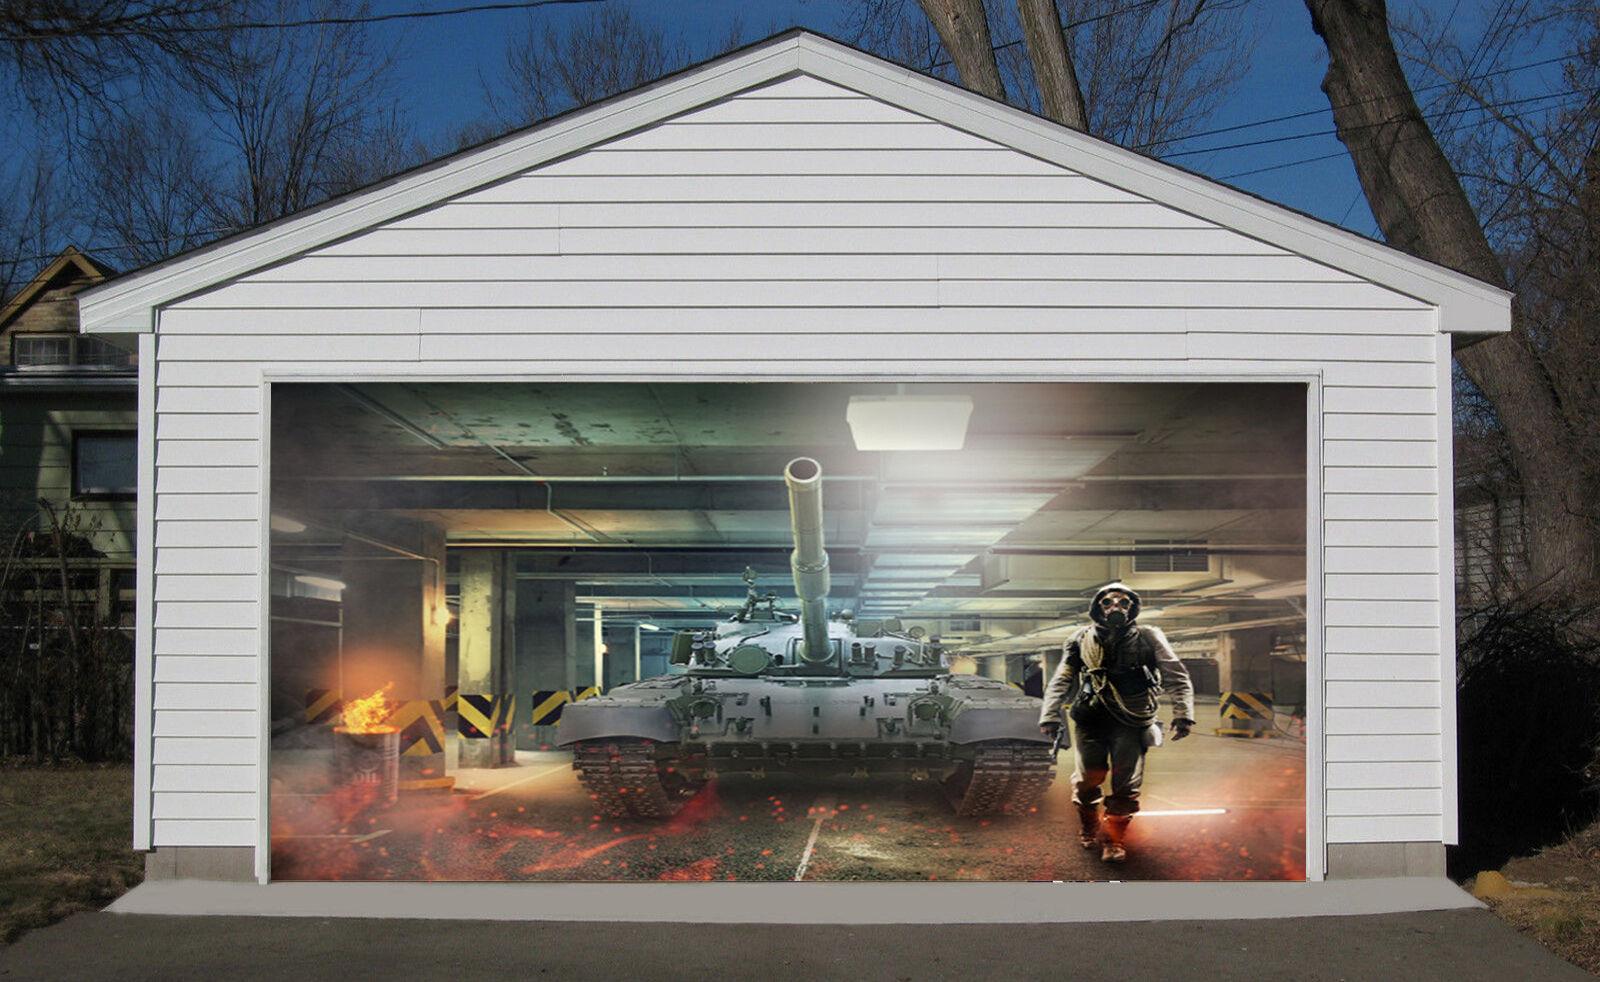 3D Mighty tanks Garage Door Murals Wall Print Decal Wall Deco AJ WALLPAPER UK